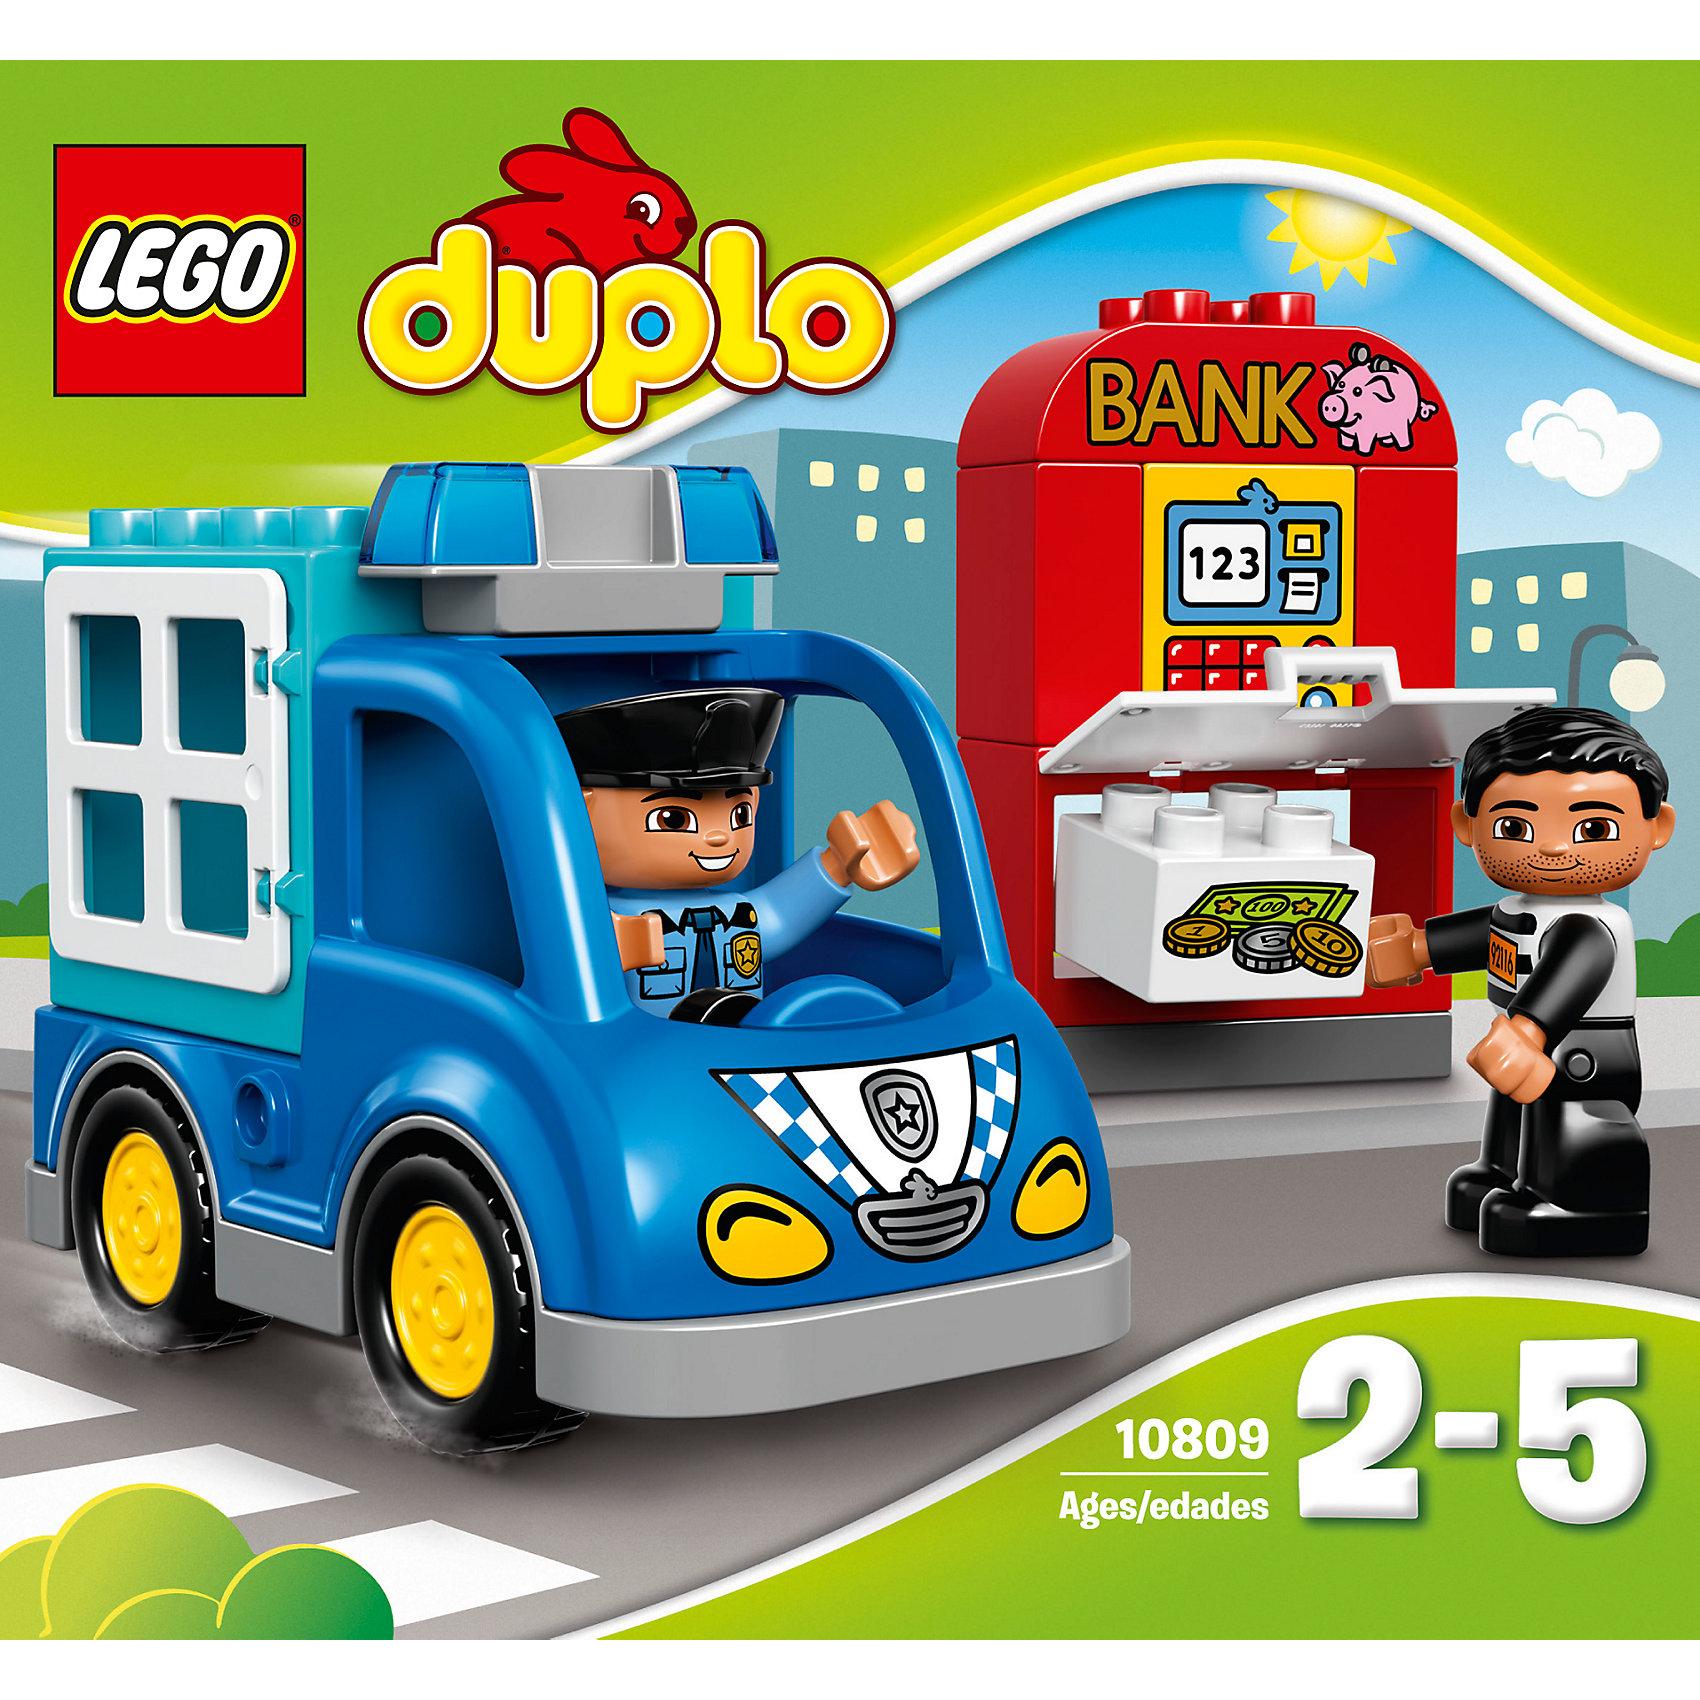 LEGO DUPLO 10809: Полицейский патрульПластмассовые конструкторы<br>LEGO DUPLO (ЛЕГО Дупло) 10809: Полицейский патруль - увлекательный игровой набор, который станет замечательным подарком для Вашего малыша. Воришка совершил налет на банк и пытается унести все деньги. Предложите ребенку собрать синий полицейский фургон и отправляйтесь вместе с храбрым полицейским на место происшествия. Поймайте грабителя на месте преступления и заприте его в кузове фургона, чтобы он не сбежал.<br><br>ЛЕГО Дупло - серия конструкторов для малышей, которую отличает крупные яркие детали со скругленными углами и многообразие игровых сюжетов, это и животные, и растения, и машинки, и сказочные персонажи.<br><br>Дополнительная информация:<br><br>- Игра с конструктором LEGO (ЛЕГО) развивает мелкую моторику ребенка, фантазию и воображение, учит его усидчивости и внимательности.<br>- Количество деталей: 15.<br>- Количество минифигур: 2 (полицейский, грабитель).<br>- Серия: LEGO DUPLO (ЛЕГО Дупло). <br>- Материал: пластик.<br>- Размер упаковки: 20,5 х 9 х 19 см.<br>- Вес: 0,38 кг.<br><br>Конструктор LEGO DUPLO (ЛЕГО Дупло) 10809: Полицейский патруль можно купить в нашем интернет-магазине.<br><br>Ширина мм: 209<br>Глубина мм: 192<br>Высота мм: 93<br>Вес г: 362<br>Возраст от месяцев: 24<br>Возраст до месяцев: 60<br>Пол: Унисекс<br>Возраст: Детский<br>SKU: 4259177